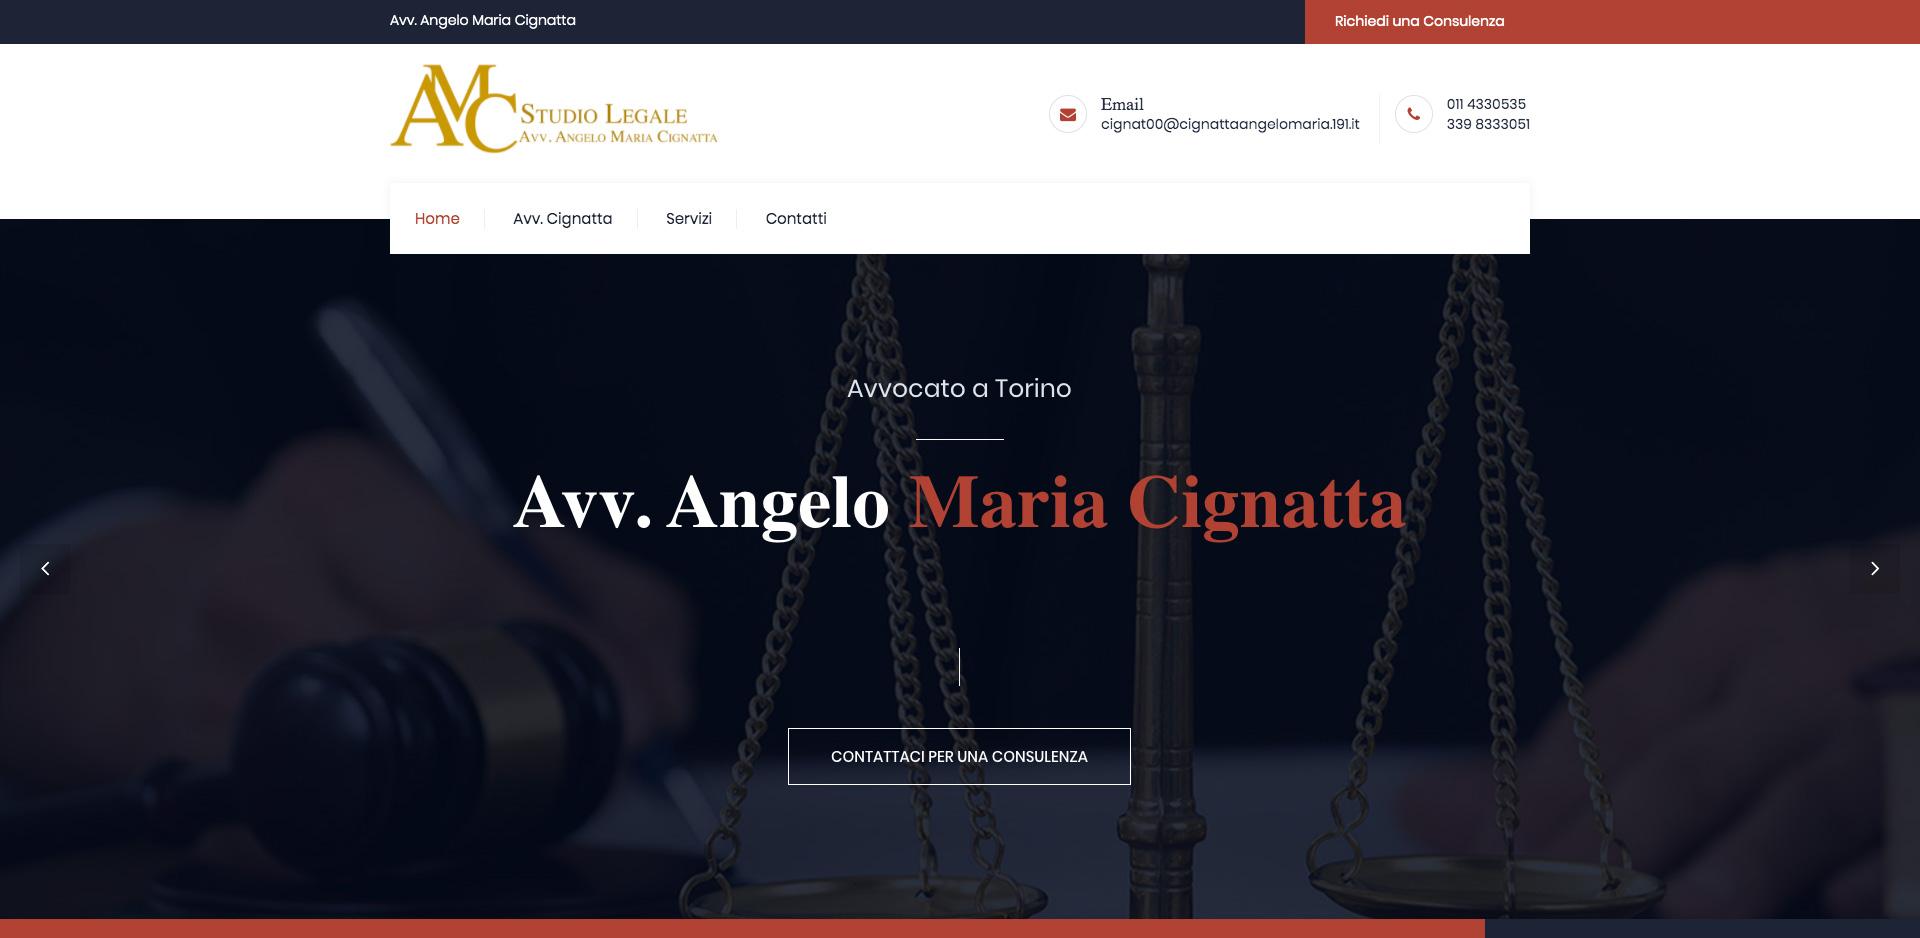 Sito Web per Consulenza Legale a Torino